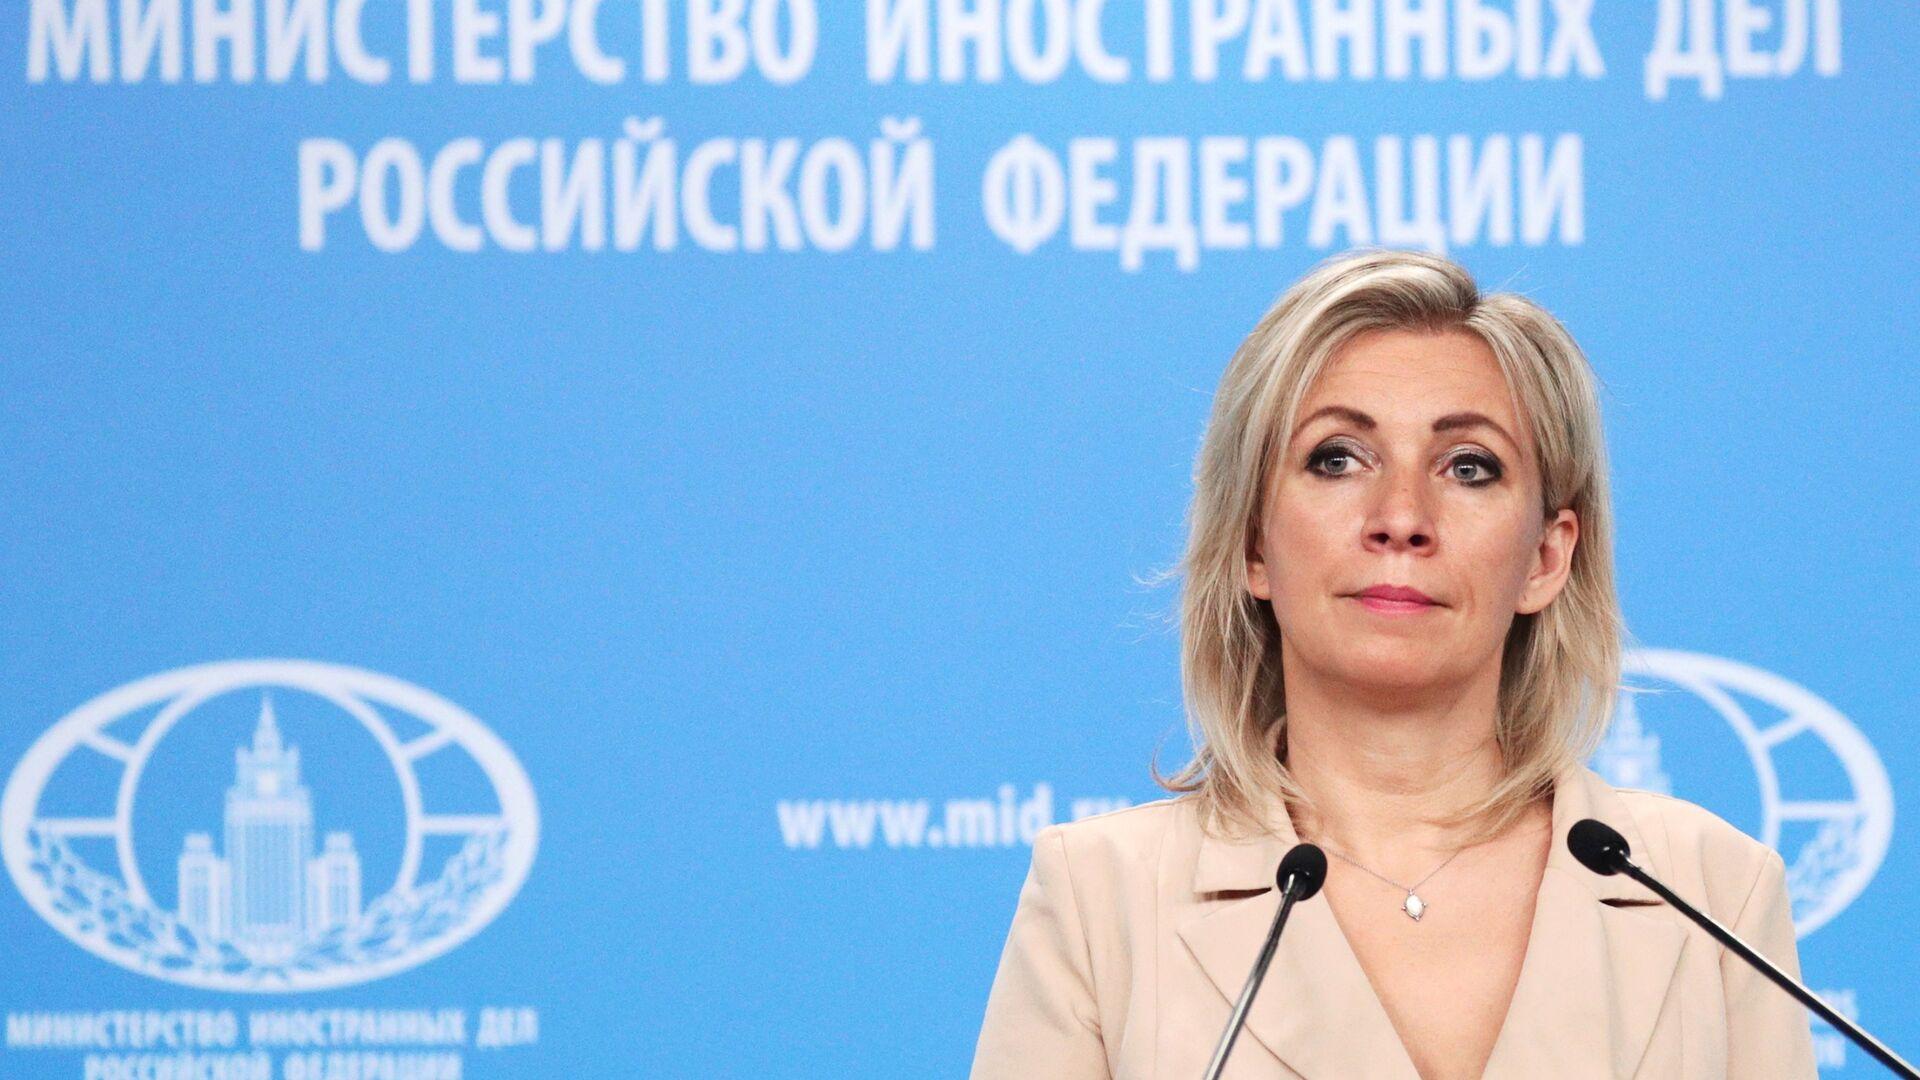 Официальный представитель Министерства иностранных дел России Мария Захарова во время брифинга в Москве - Sputnik Латвия, 1920, 15.04.2021